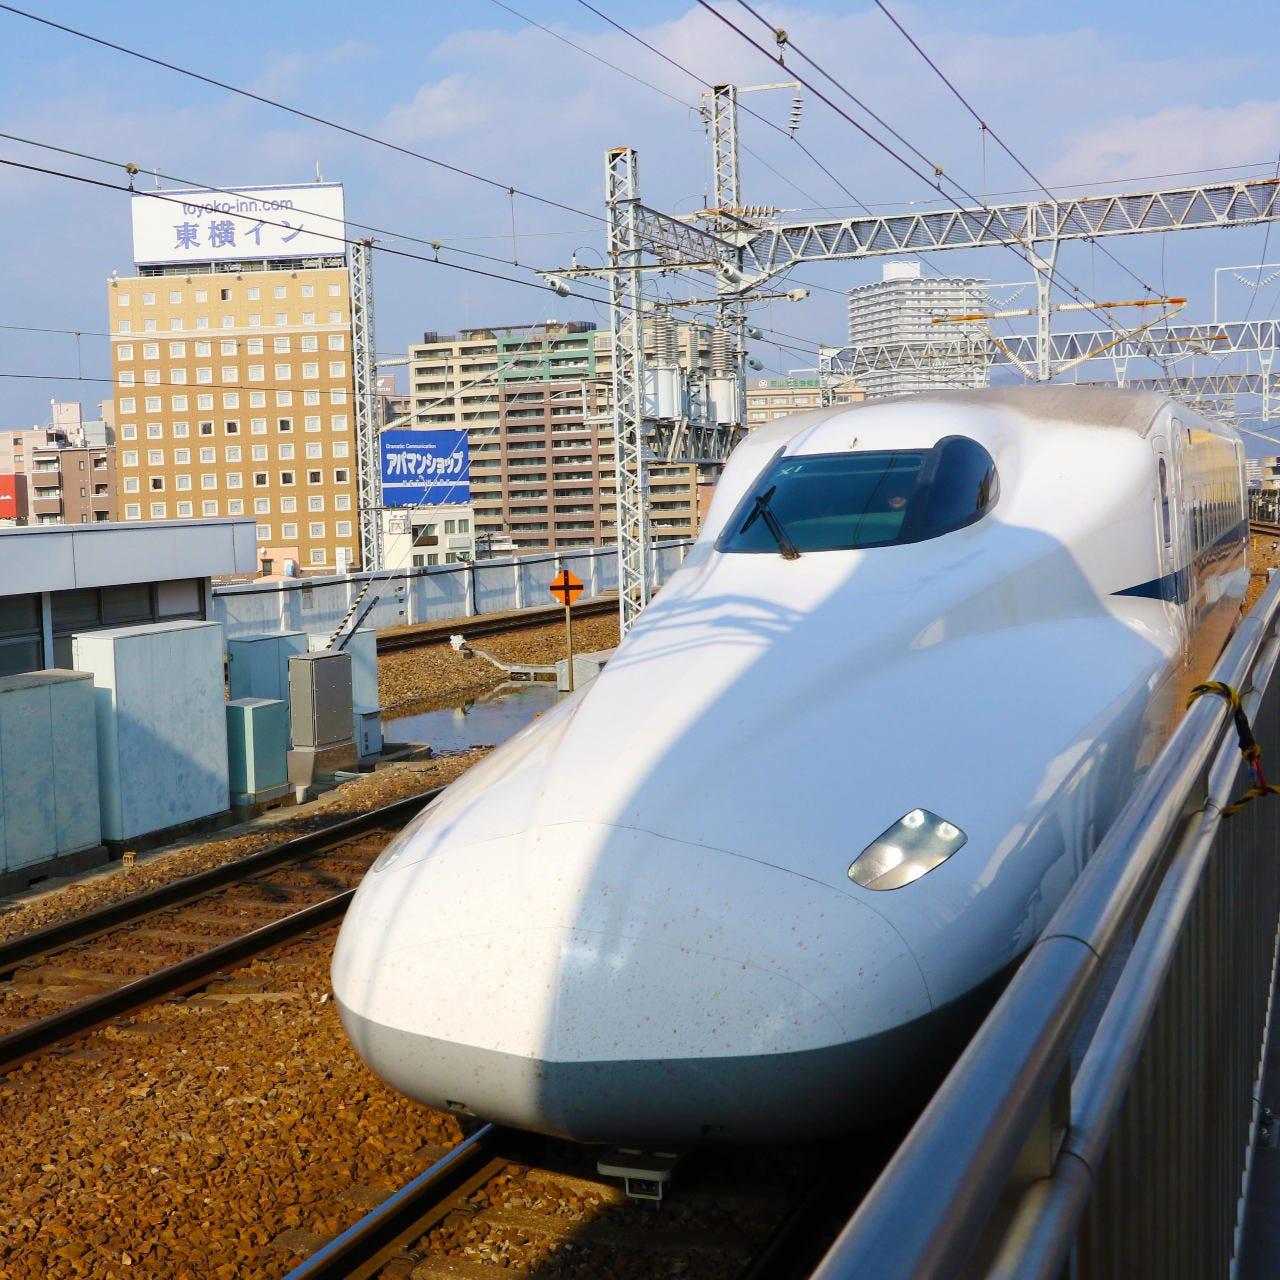 【11:00~13:30◆席のみ予約】岡山へ到着後のランチタイム。この際に岡山ご当地「カキオコ」いかが?